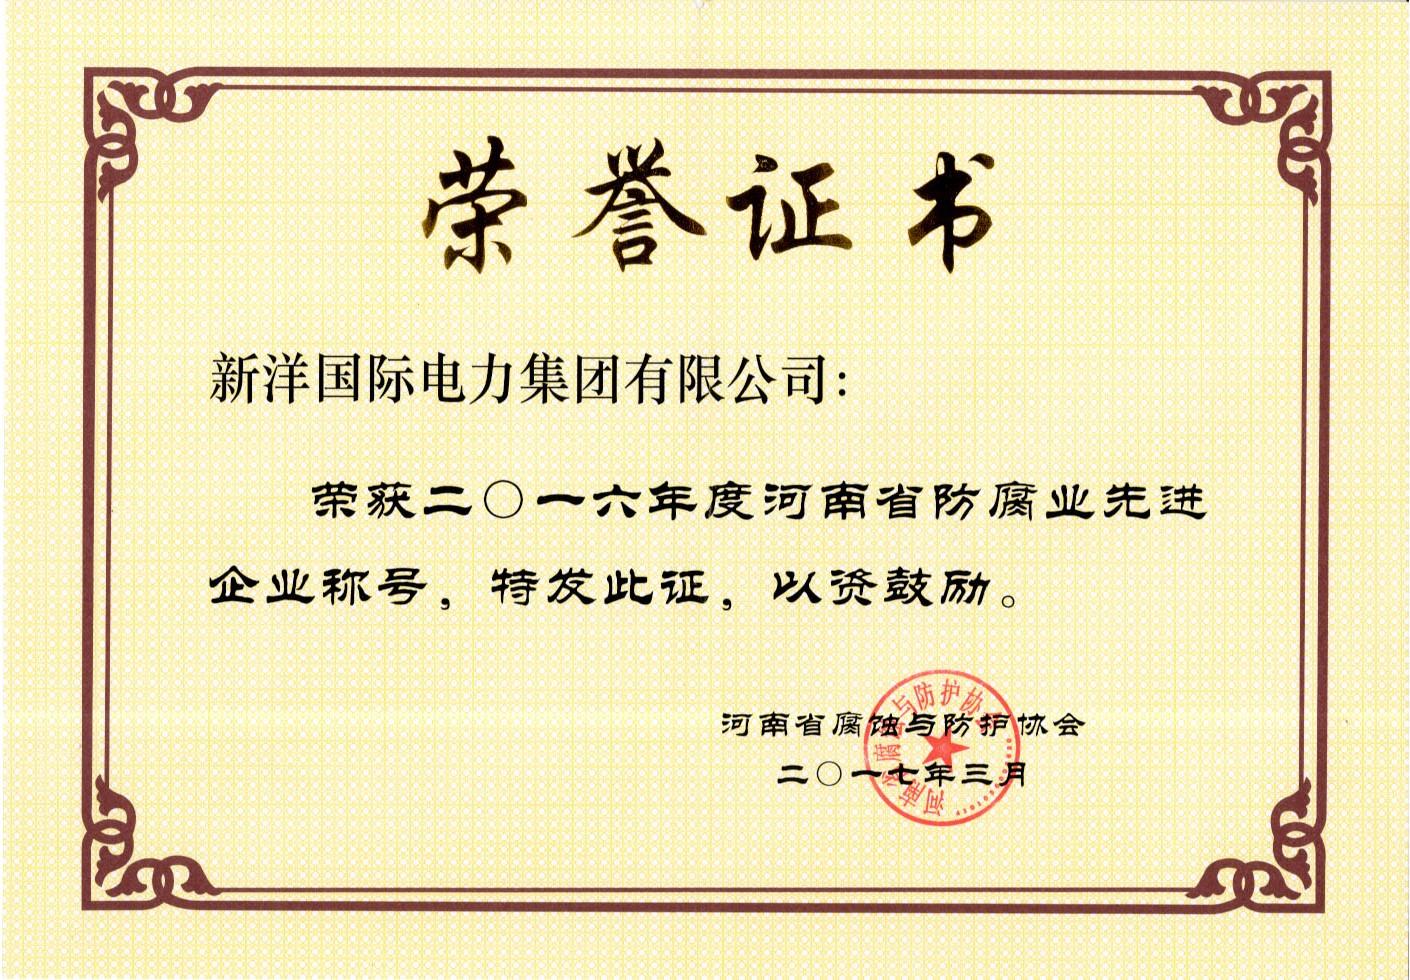 2016年度河南省防腐業先進企業